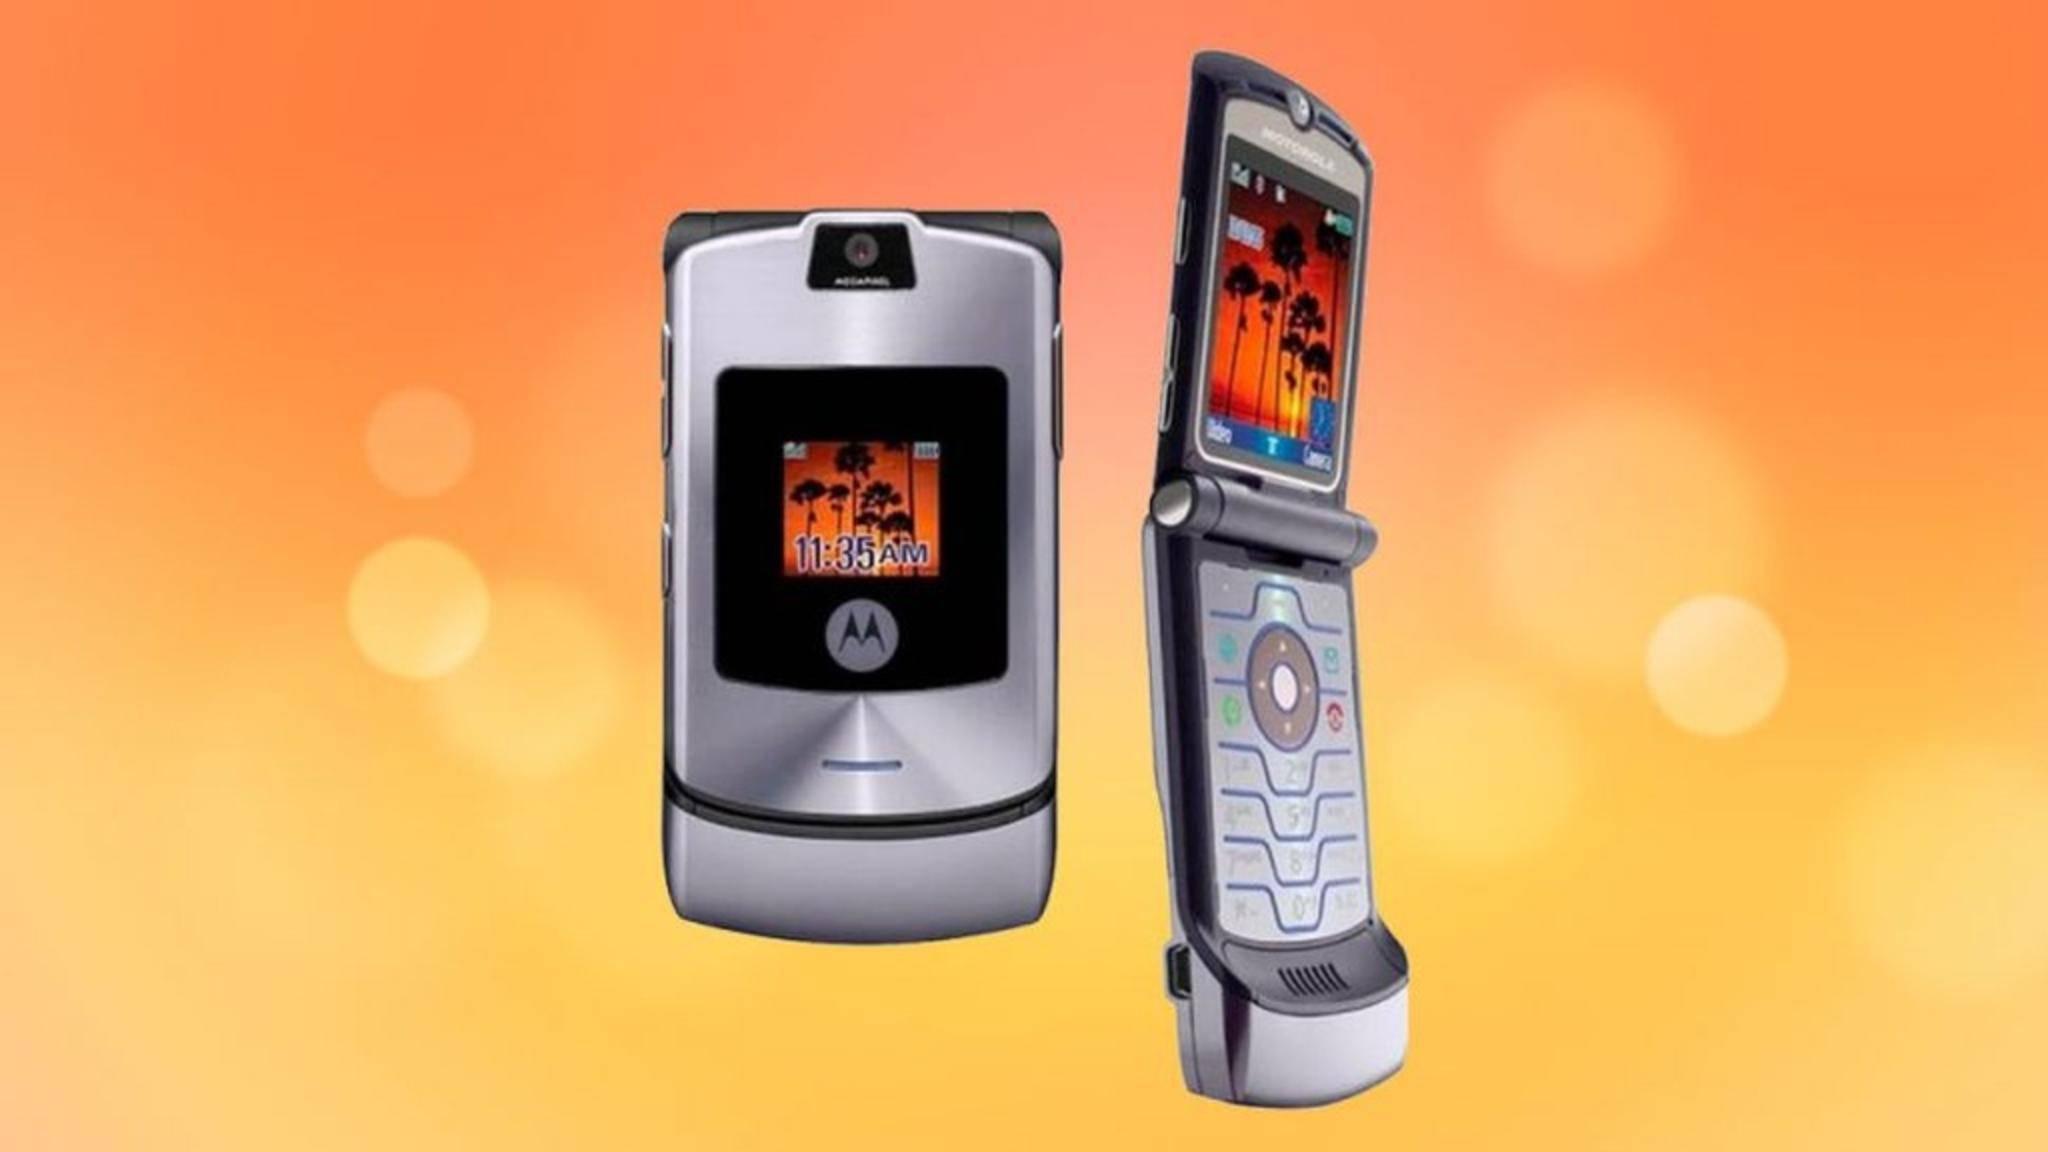 Das Motorola Razr V3 zählt zu den beliebtesten Mobiltelefonen der Geschichte.